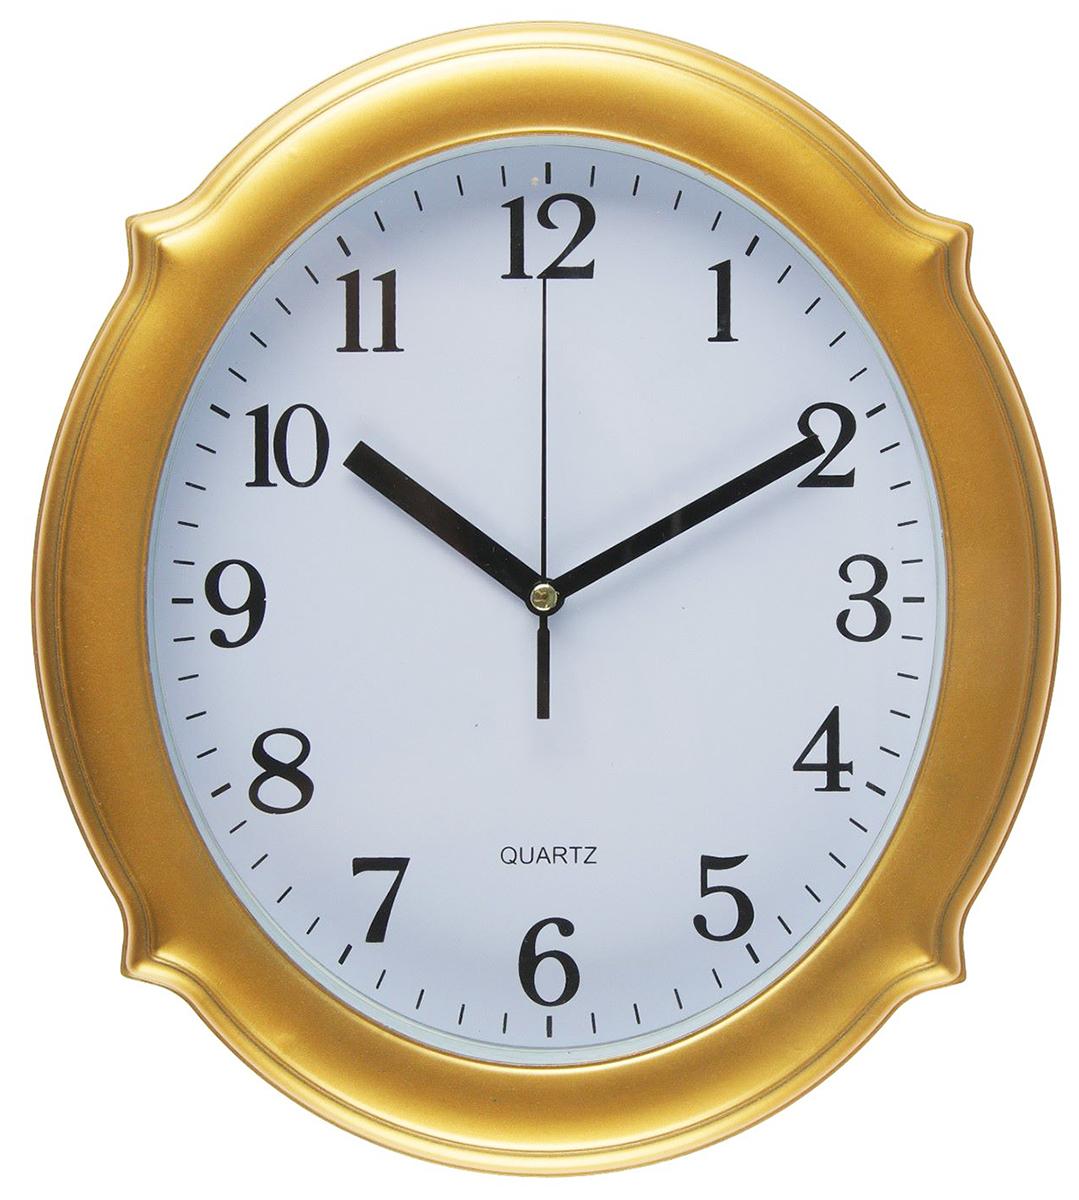 Часы настенные Шипы, цвет: золото, 23 х 26 см2457682Каждому хозяину периодически приходит мысль обновить свою квартиру, сделать ремонт, перестановку или кардинально поменять внешний вид каждой комнаты. — привлекательная деталь, которая поможет воплотить вашу интерьерную идею, создать неповторимую атмосферу в вашем доме. Окружите себя приятными мелочами, пусть они радуют глаз и дарят гармонию.Часы настенные классика, рама золото, овал, шипы, 23*3*26см 2457682